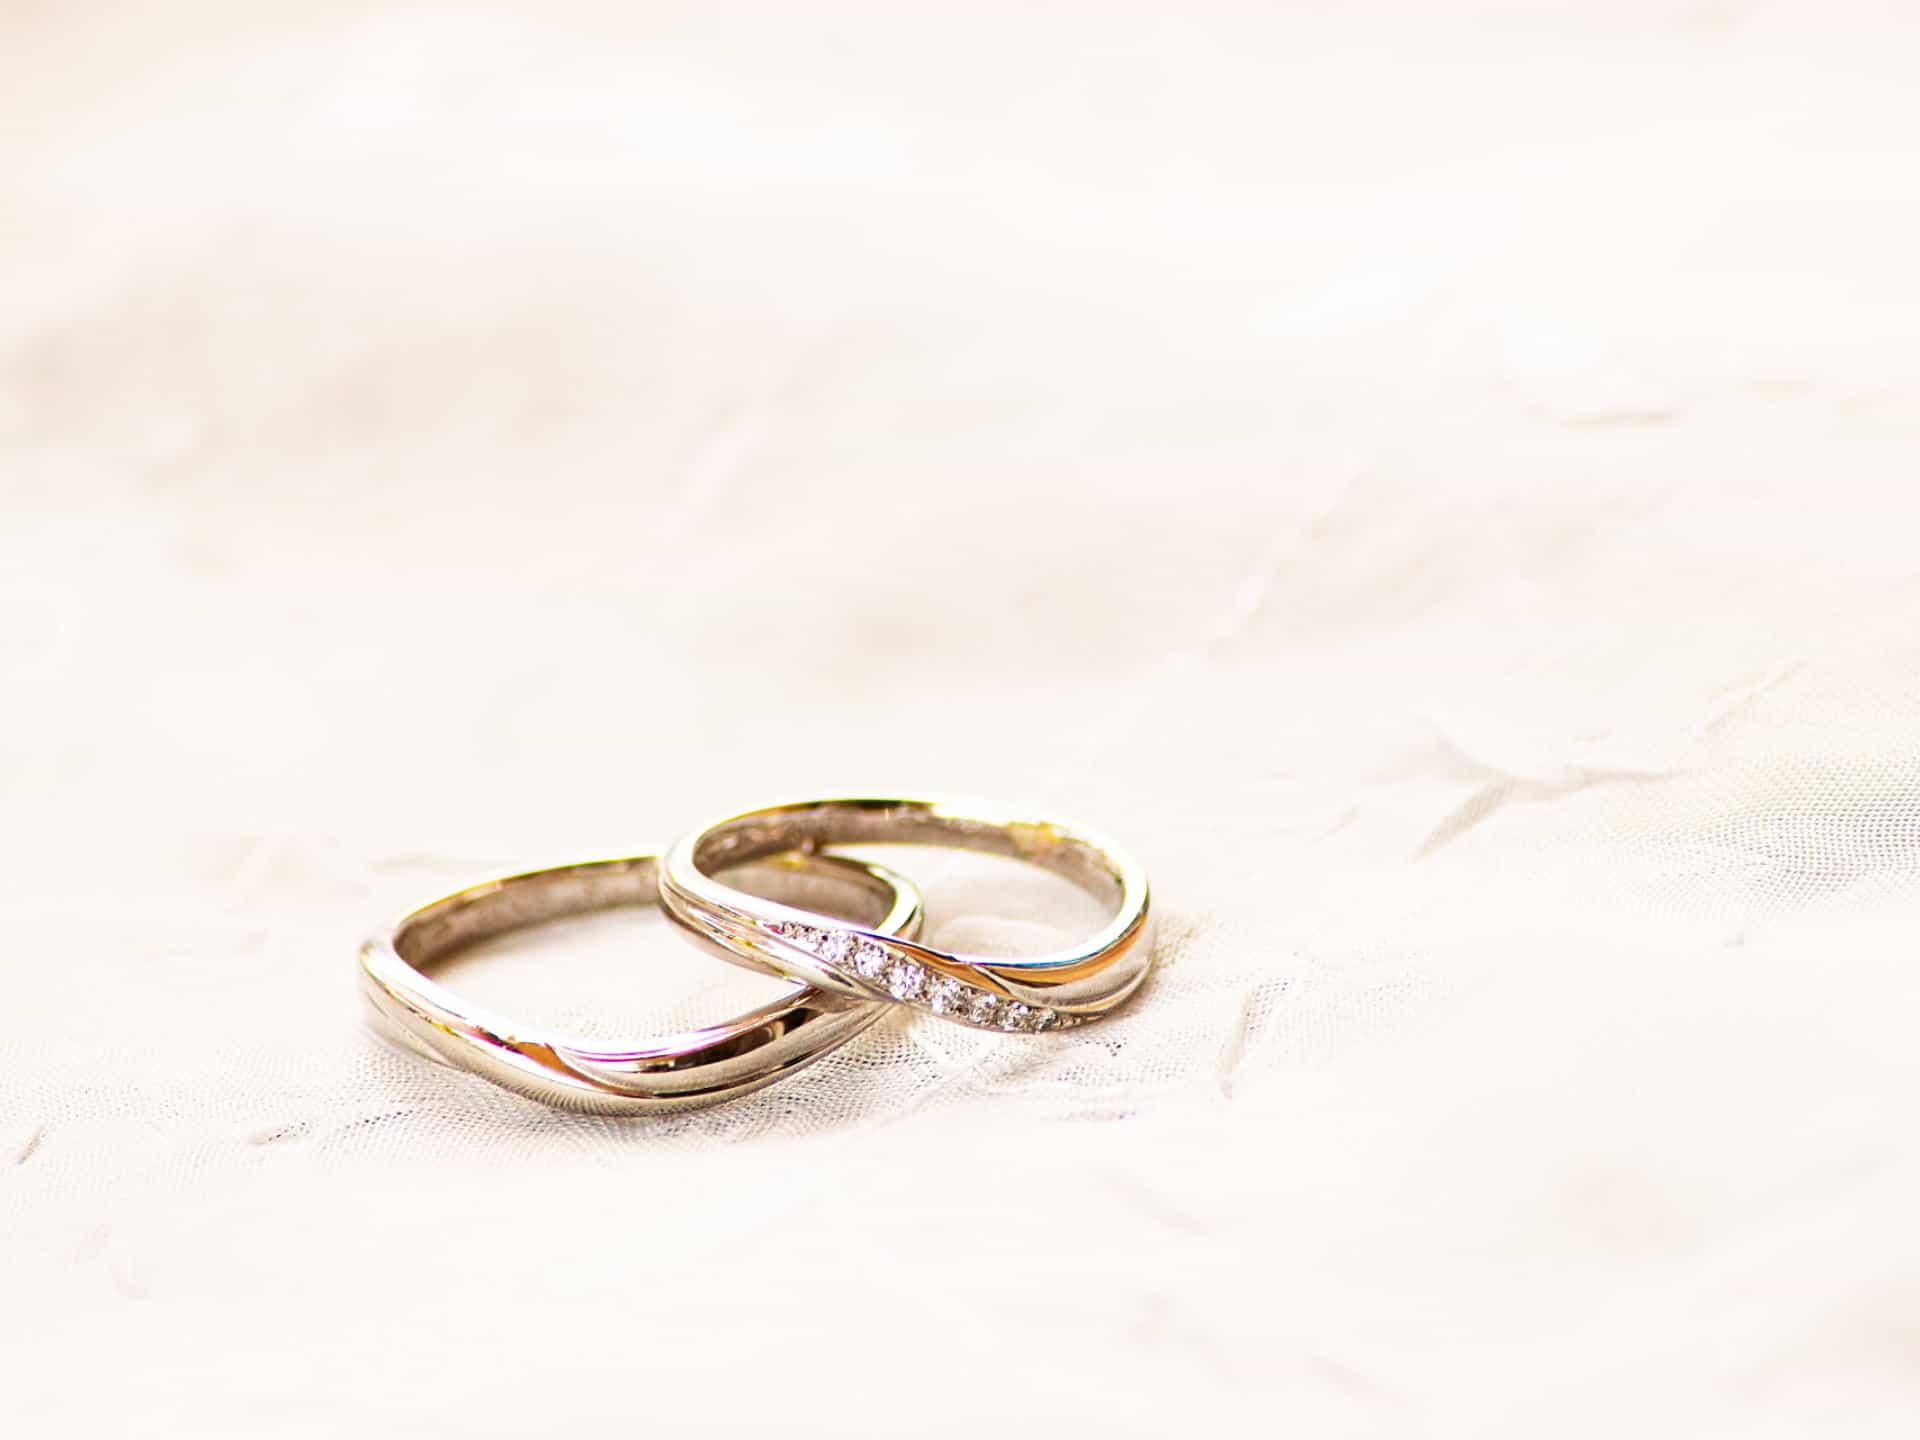 指輪を販売している店舗へ妻が迷わずにスムーズに行けている不思議